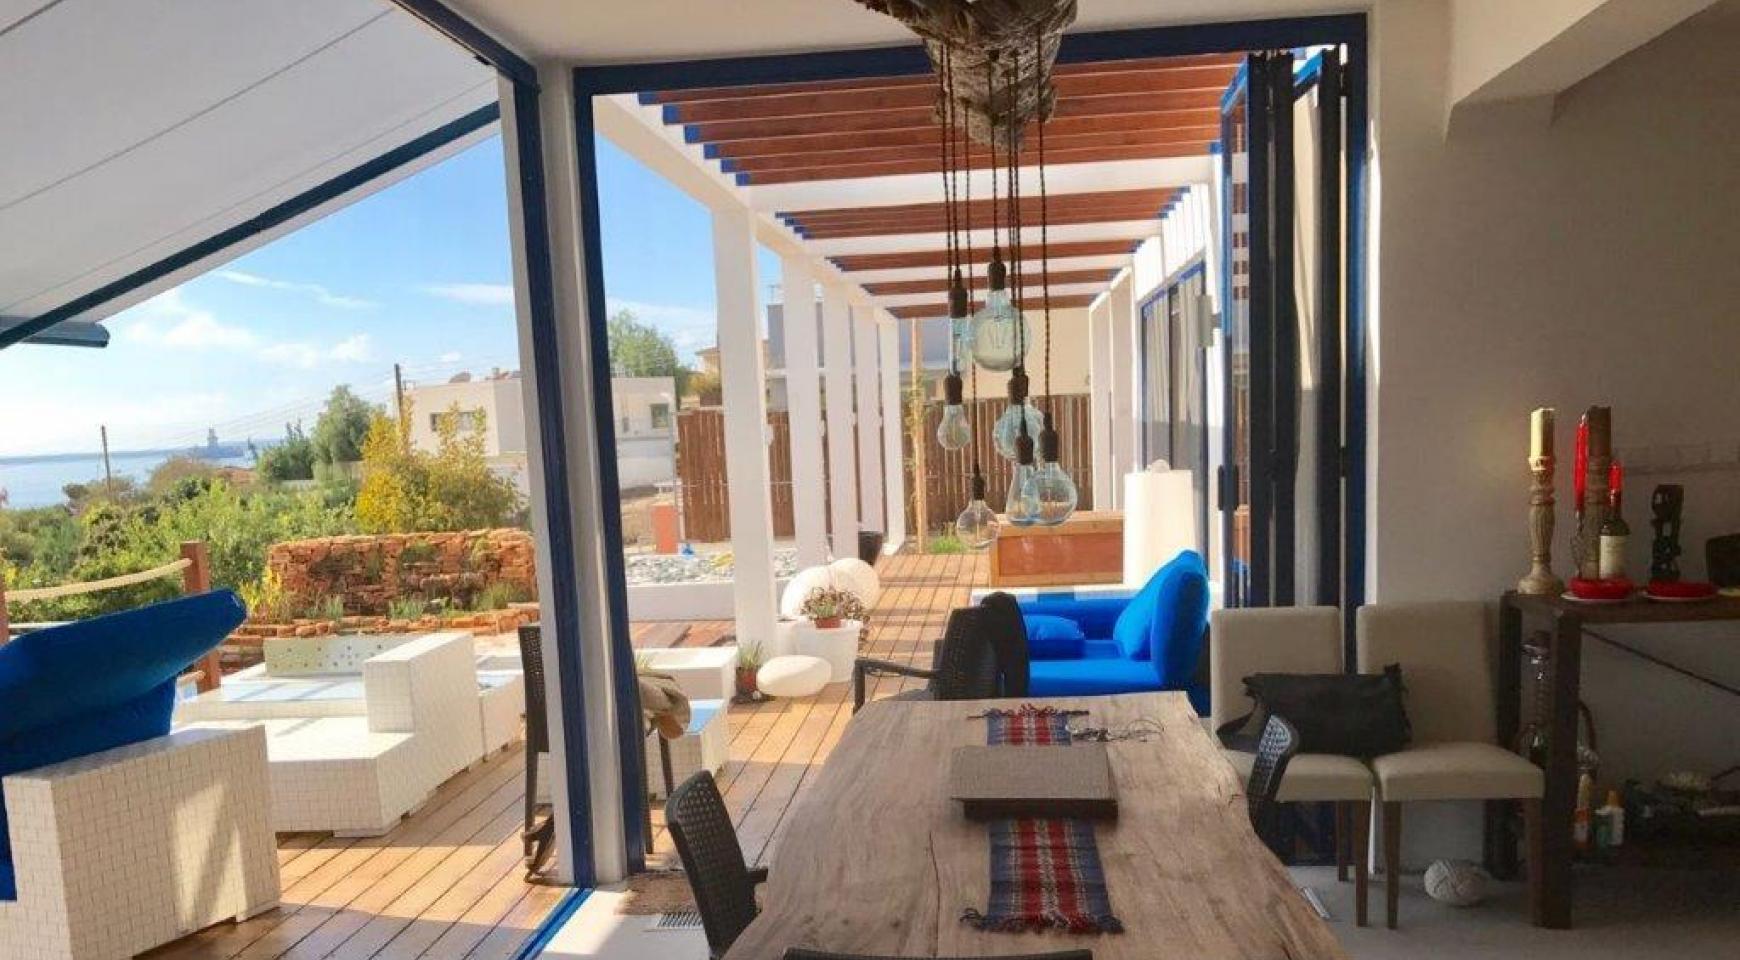 5 Bedroom Villa with Sea Views in Agios Tychonas Area - 9